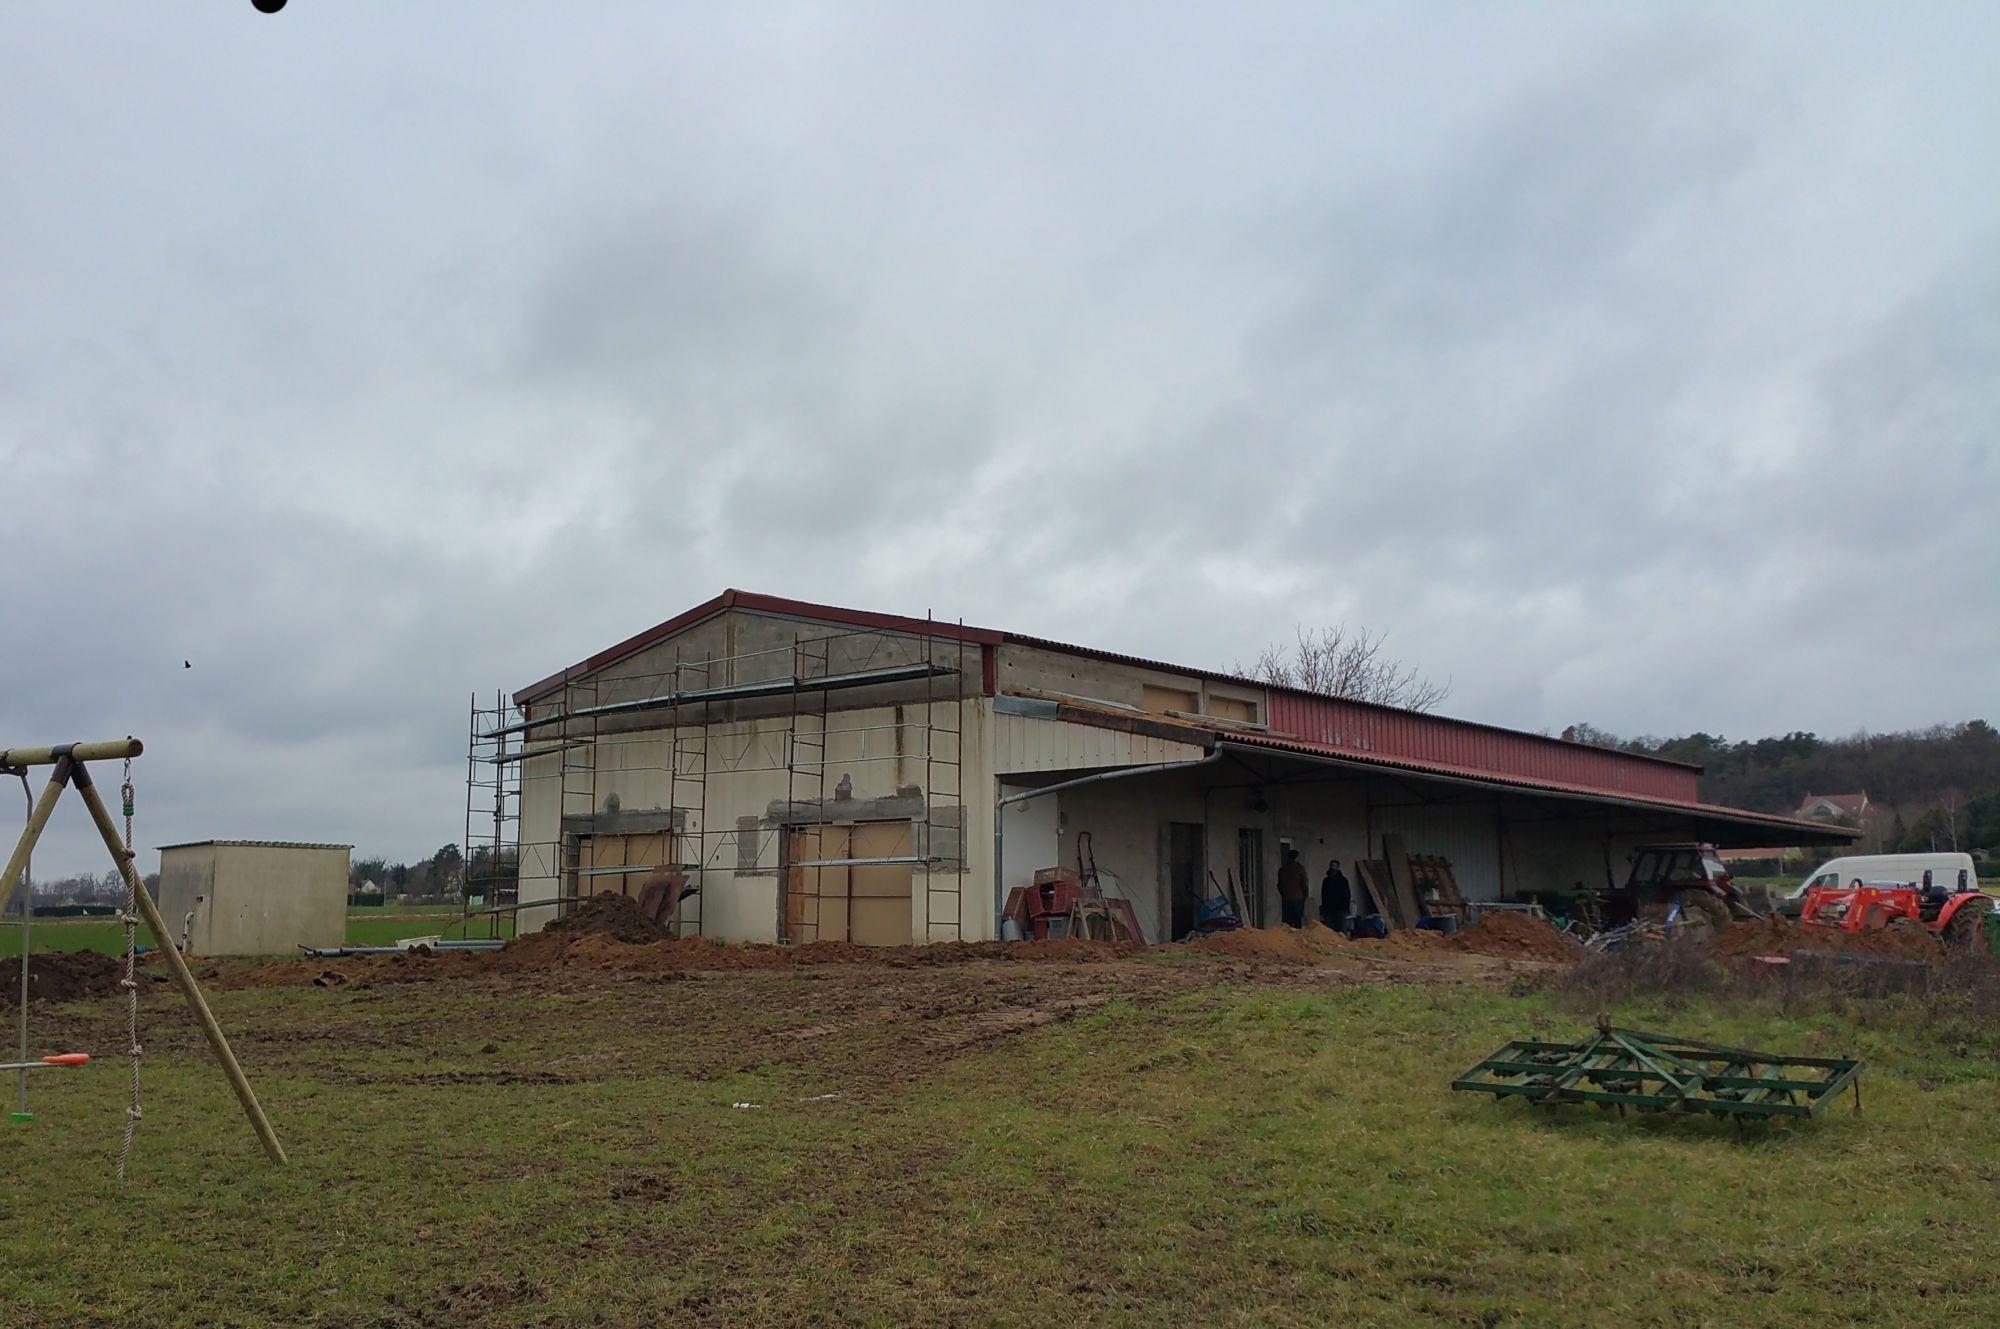 Réalisation - Architecture, Restructuration, aménagement, architecture intérieure, 10h10, décoration, ferme, champs, renovation, restructuration, chantier